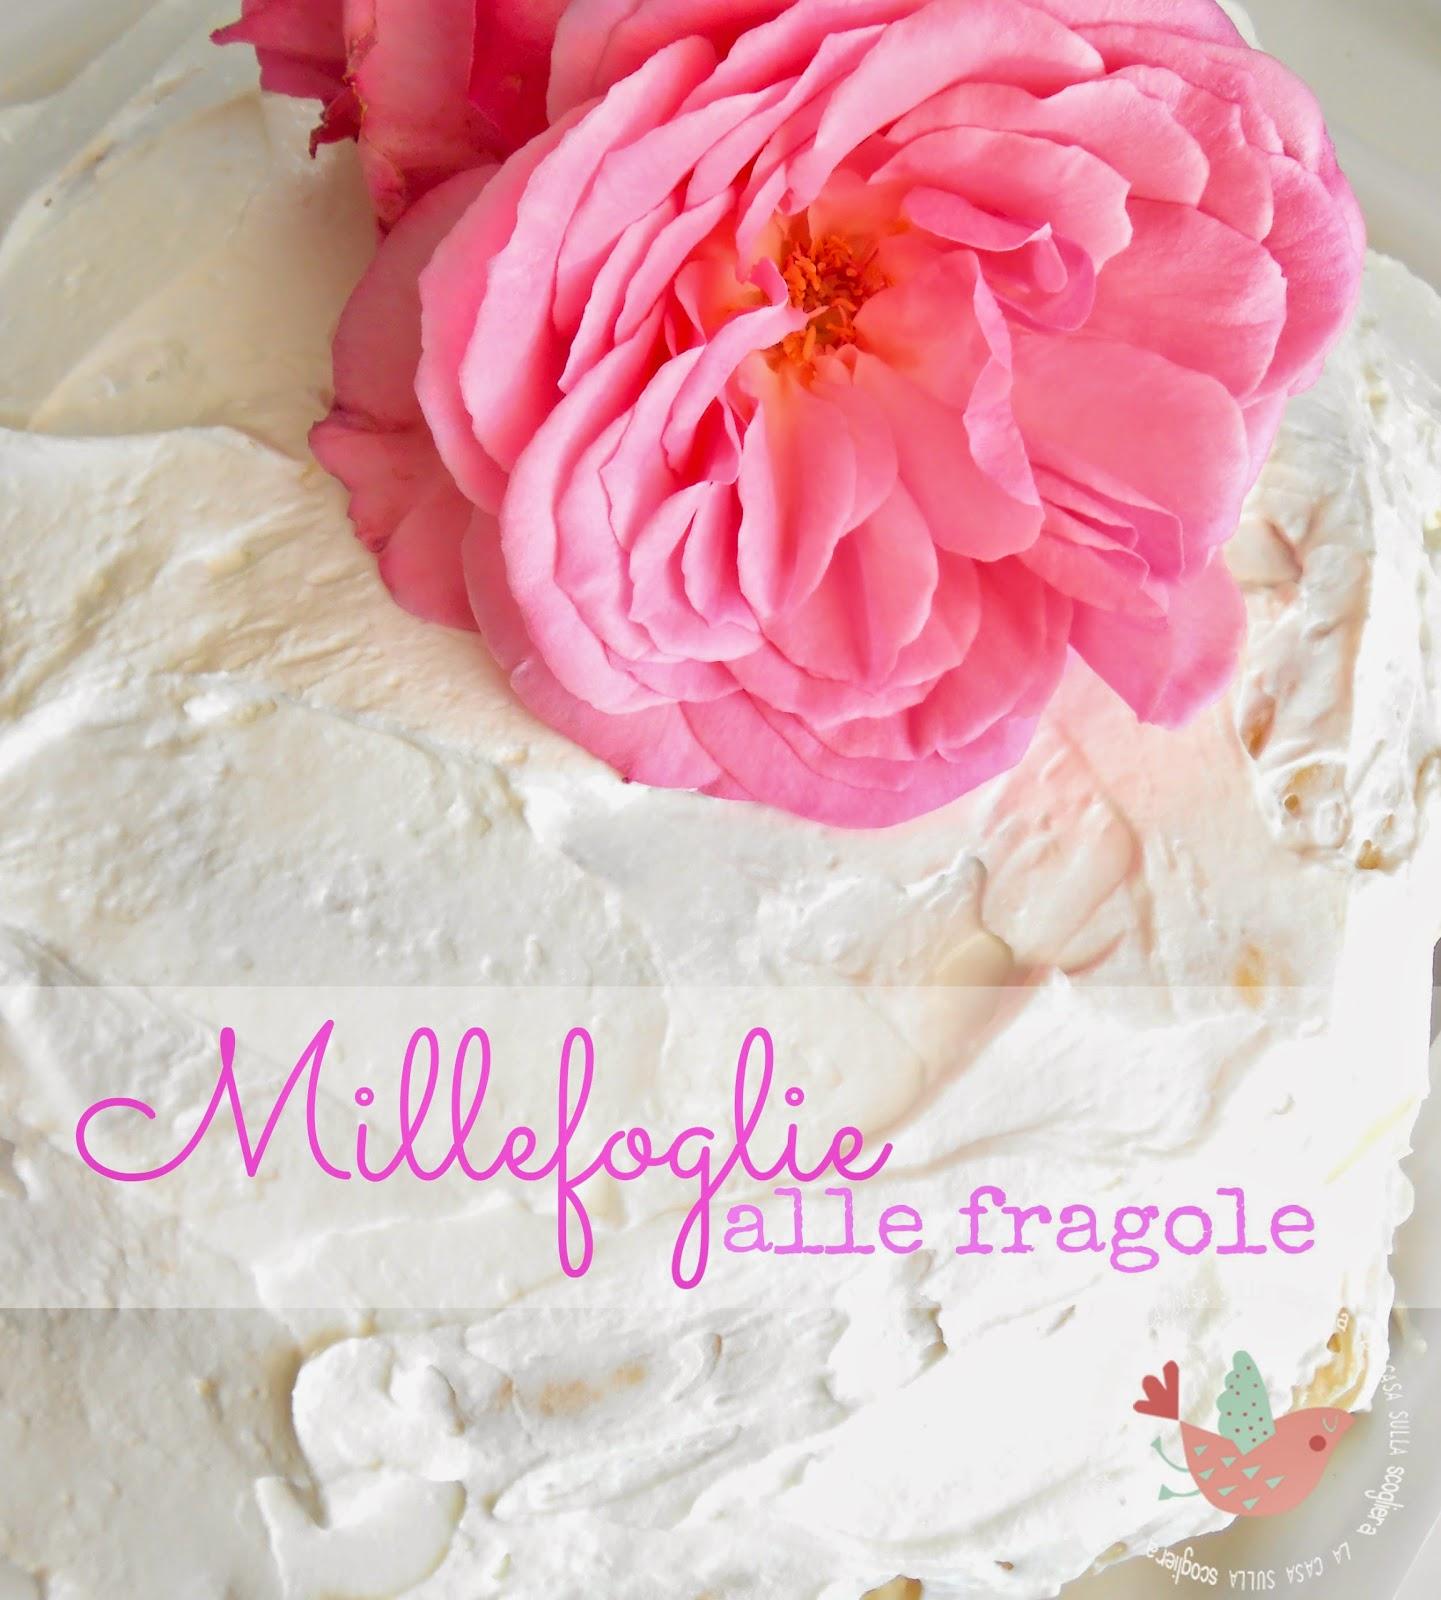 Millefoglie alle fragole. lacasasullascogliera.net - La ricetta semplice e veloce della mia torta preferita, con crema pasticcera e Chantilly. Volete provarla anche voi?